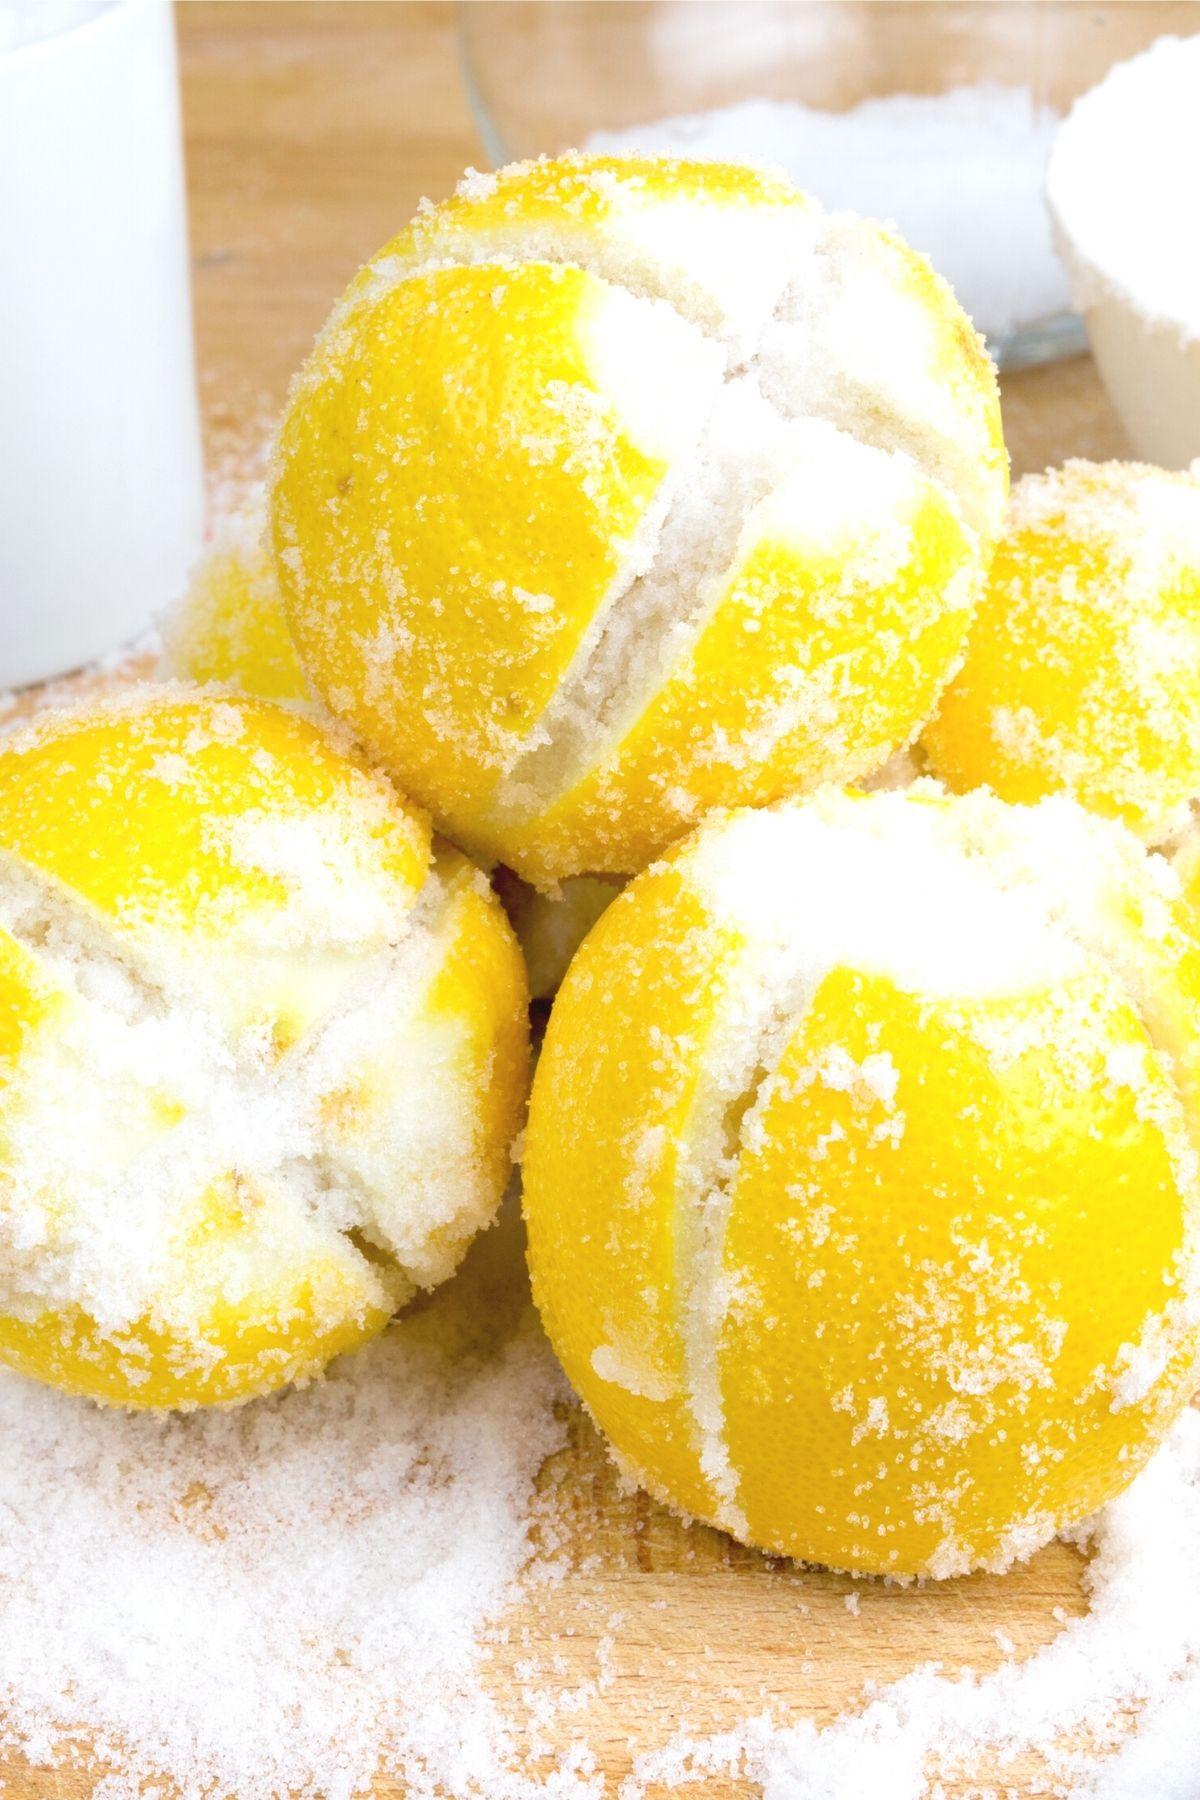 preserving lemons in salt brine